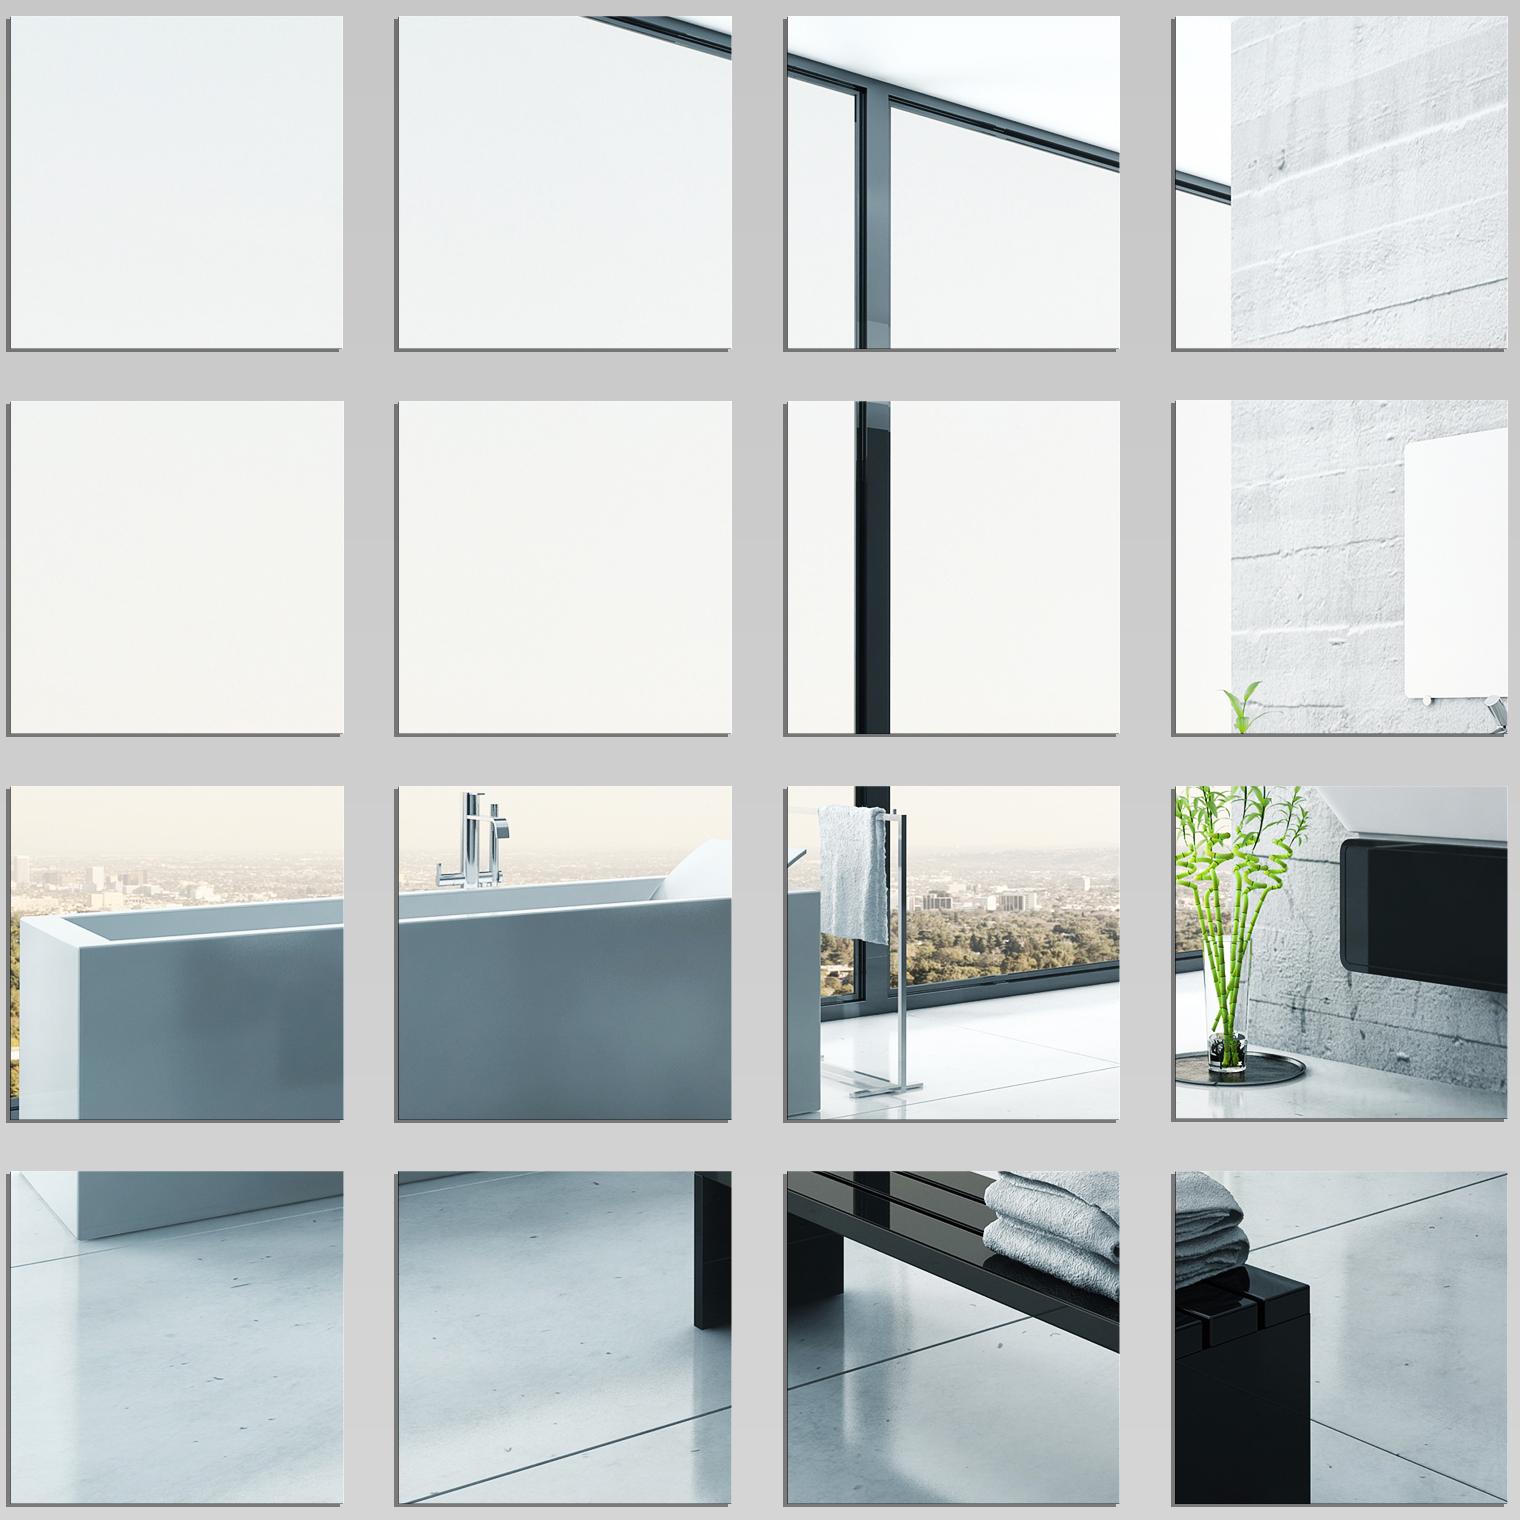 Kit miroir plexiglass acrylique carr s pas cher for Miroir 100x100